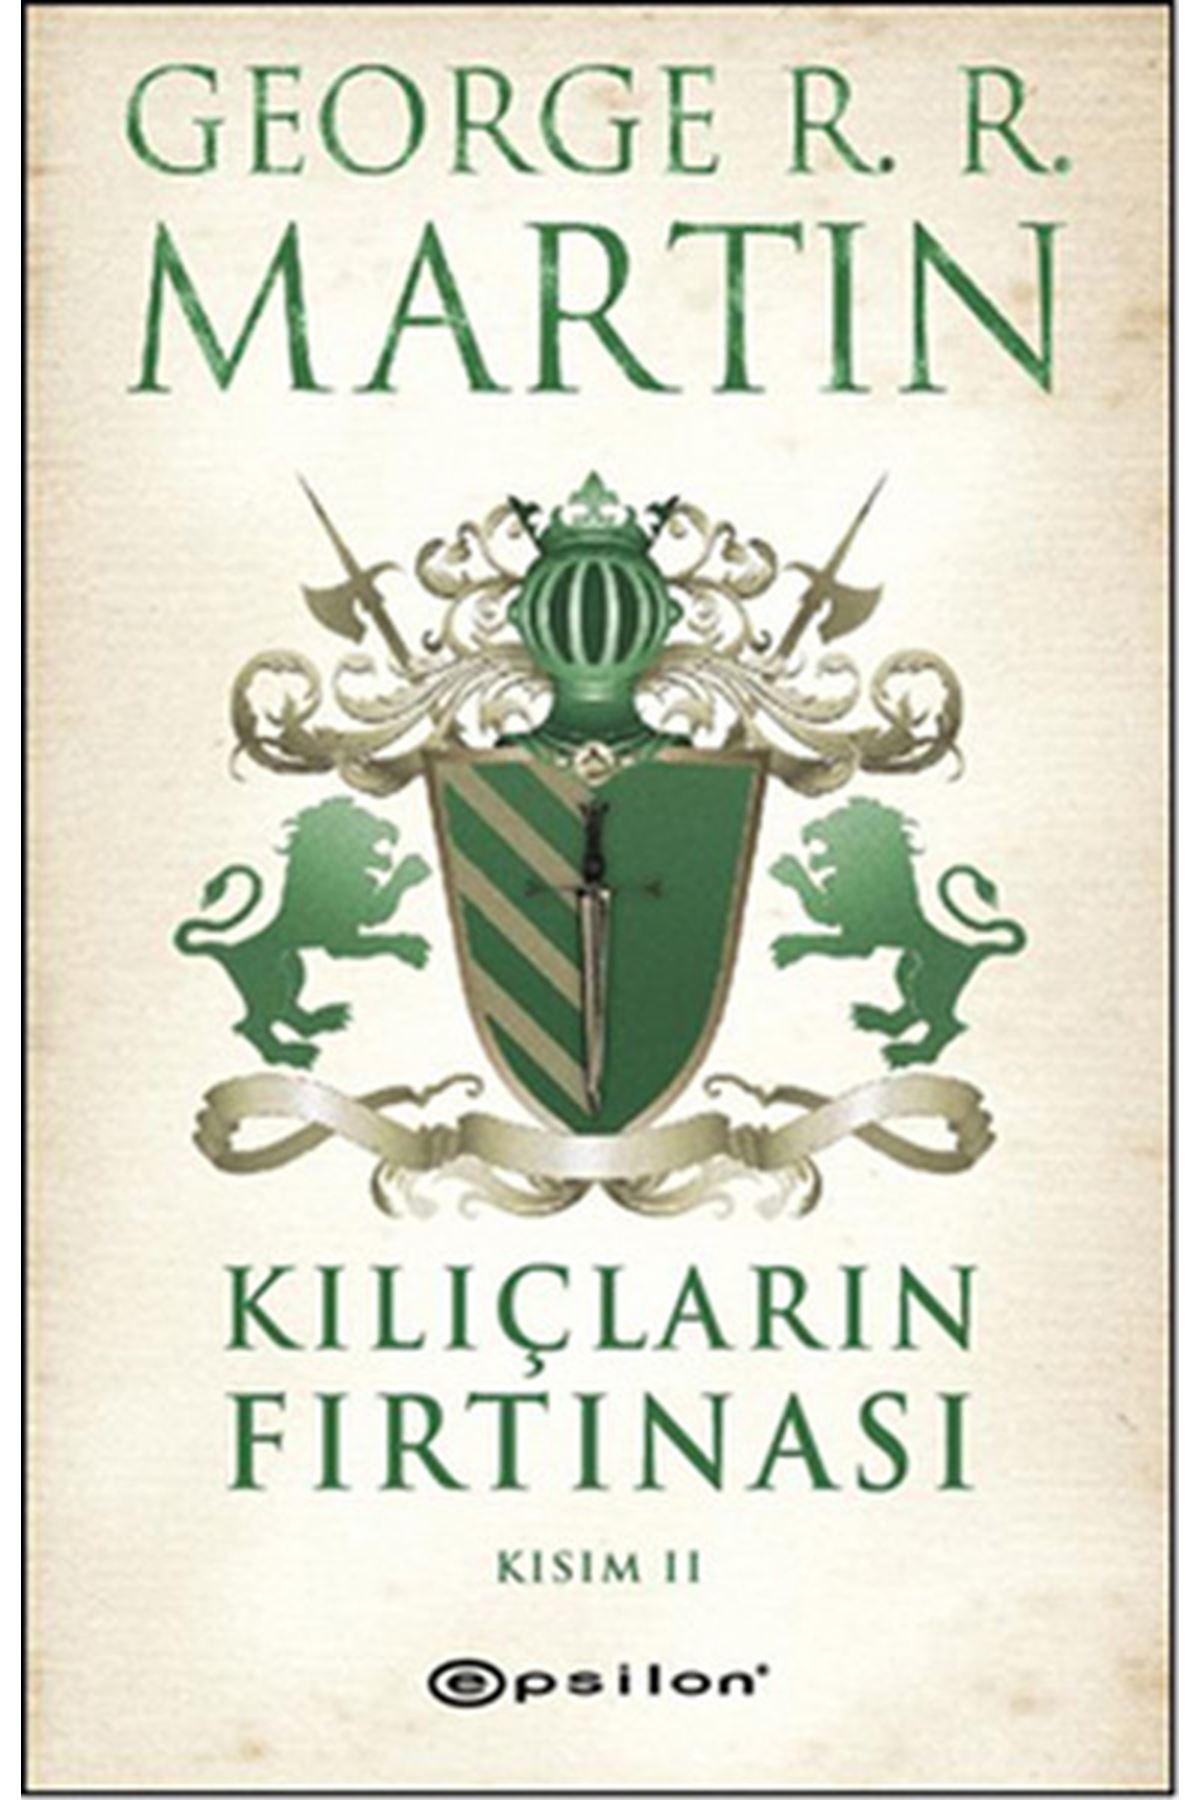 GEORGE R. R. MARTİN - KILIÇLARIN FIRTINASI KISIM 2